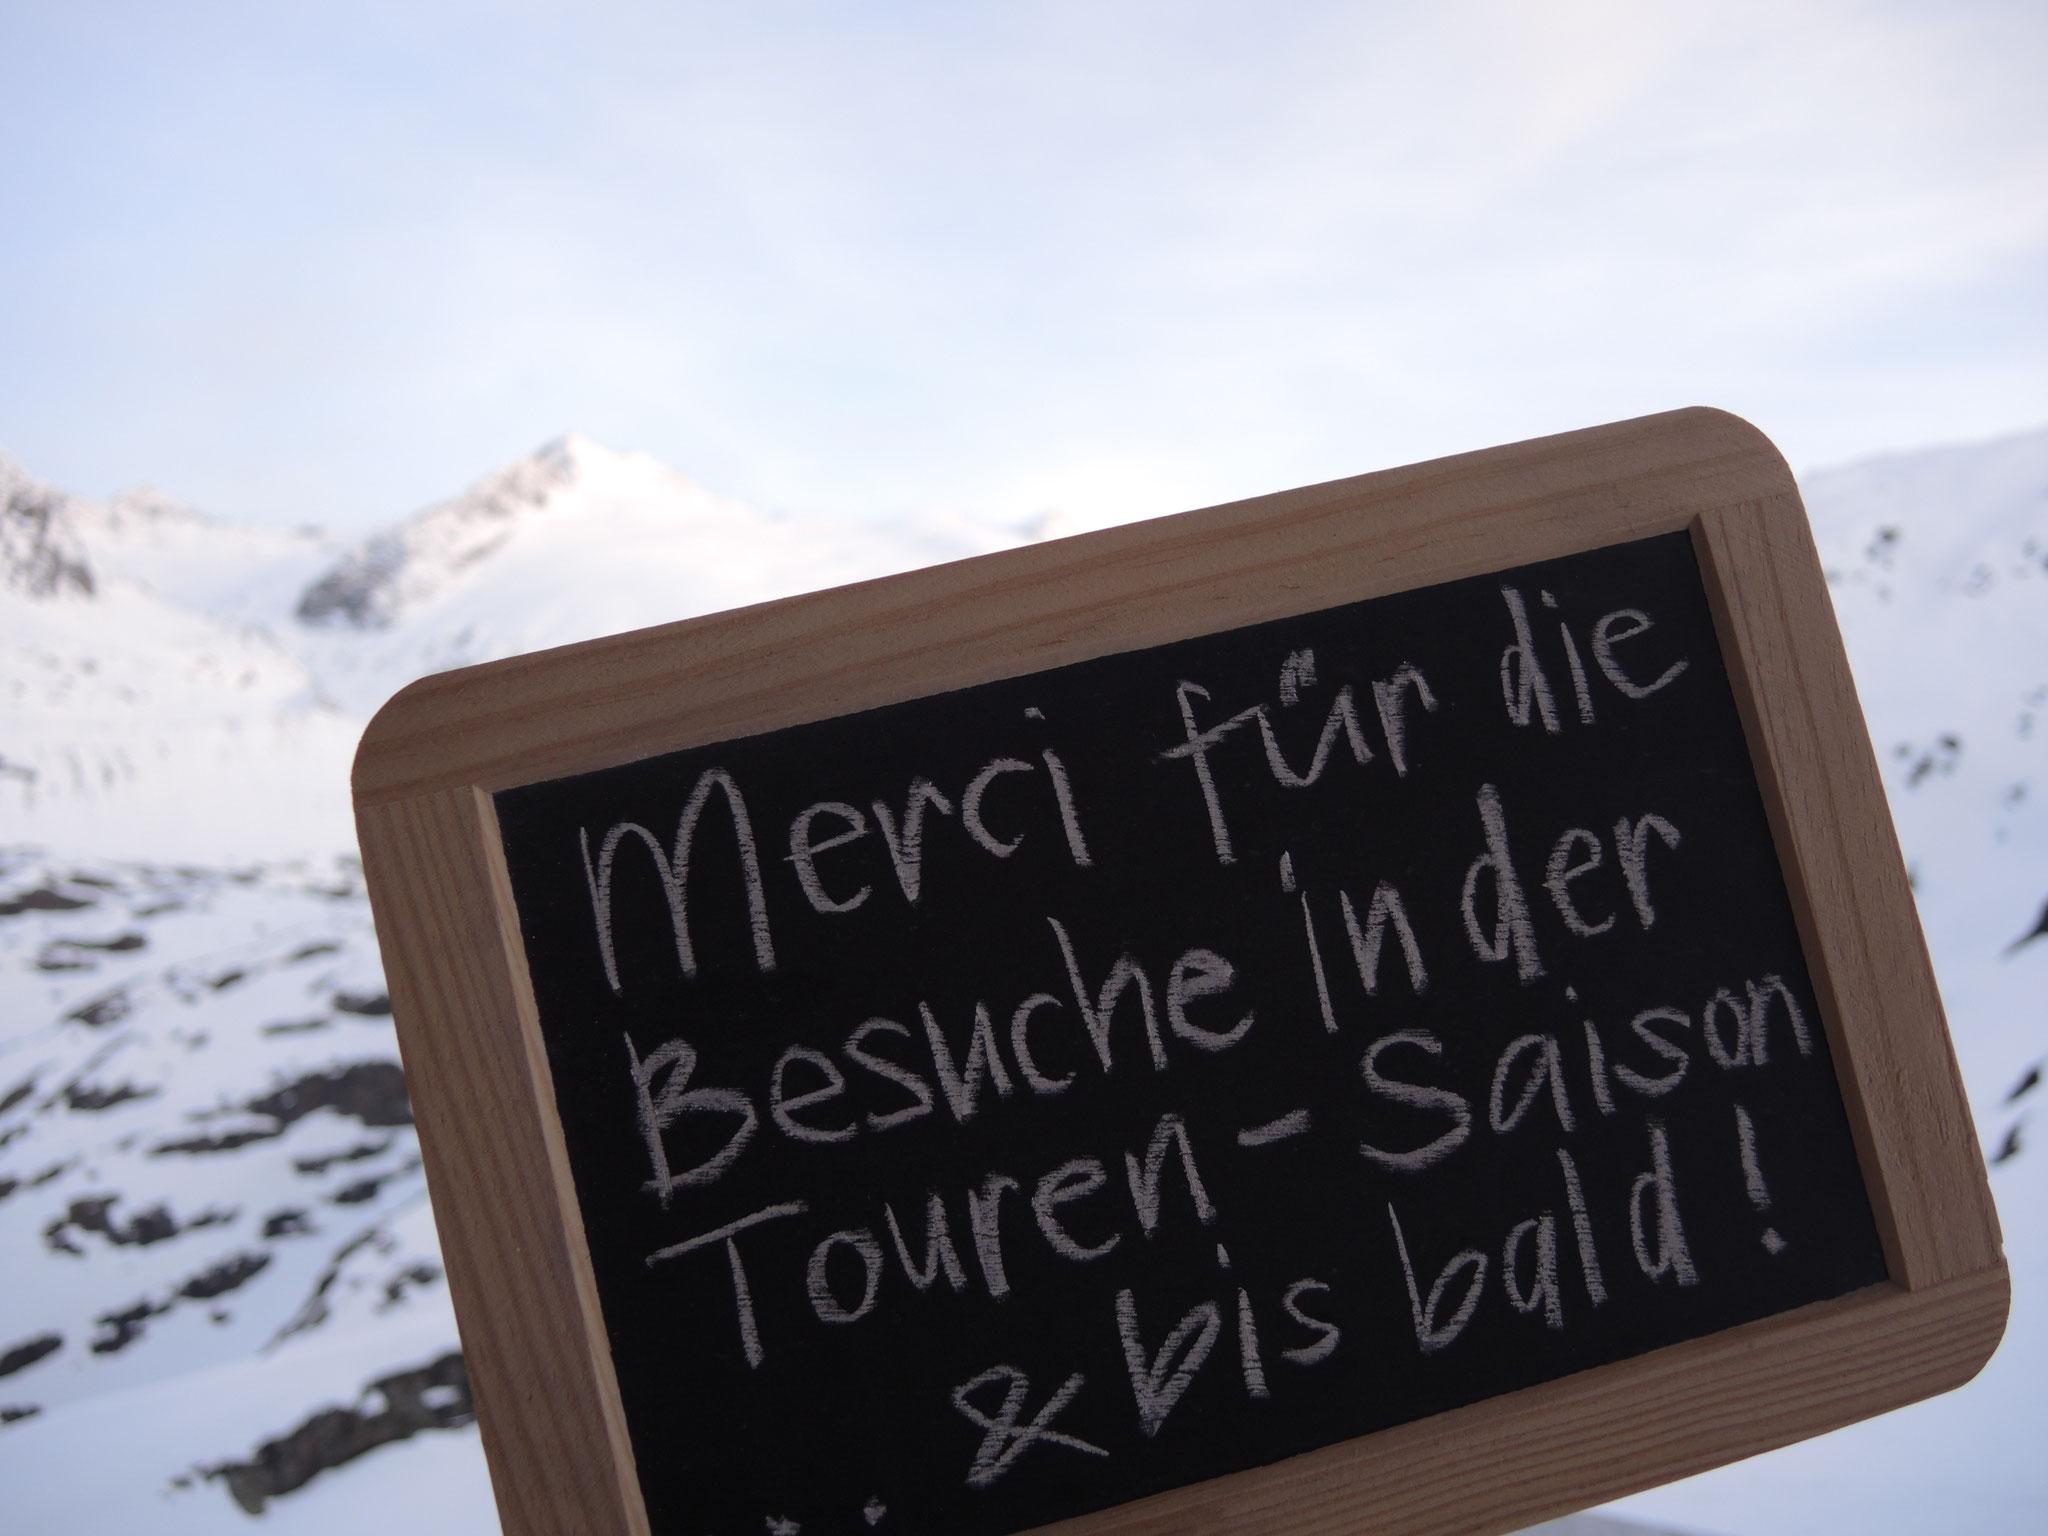 ...des Monats Juni: Skitouren-Saisonende